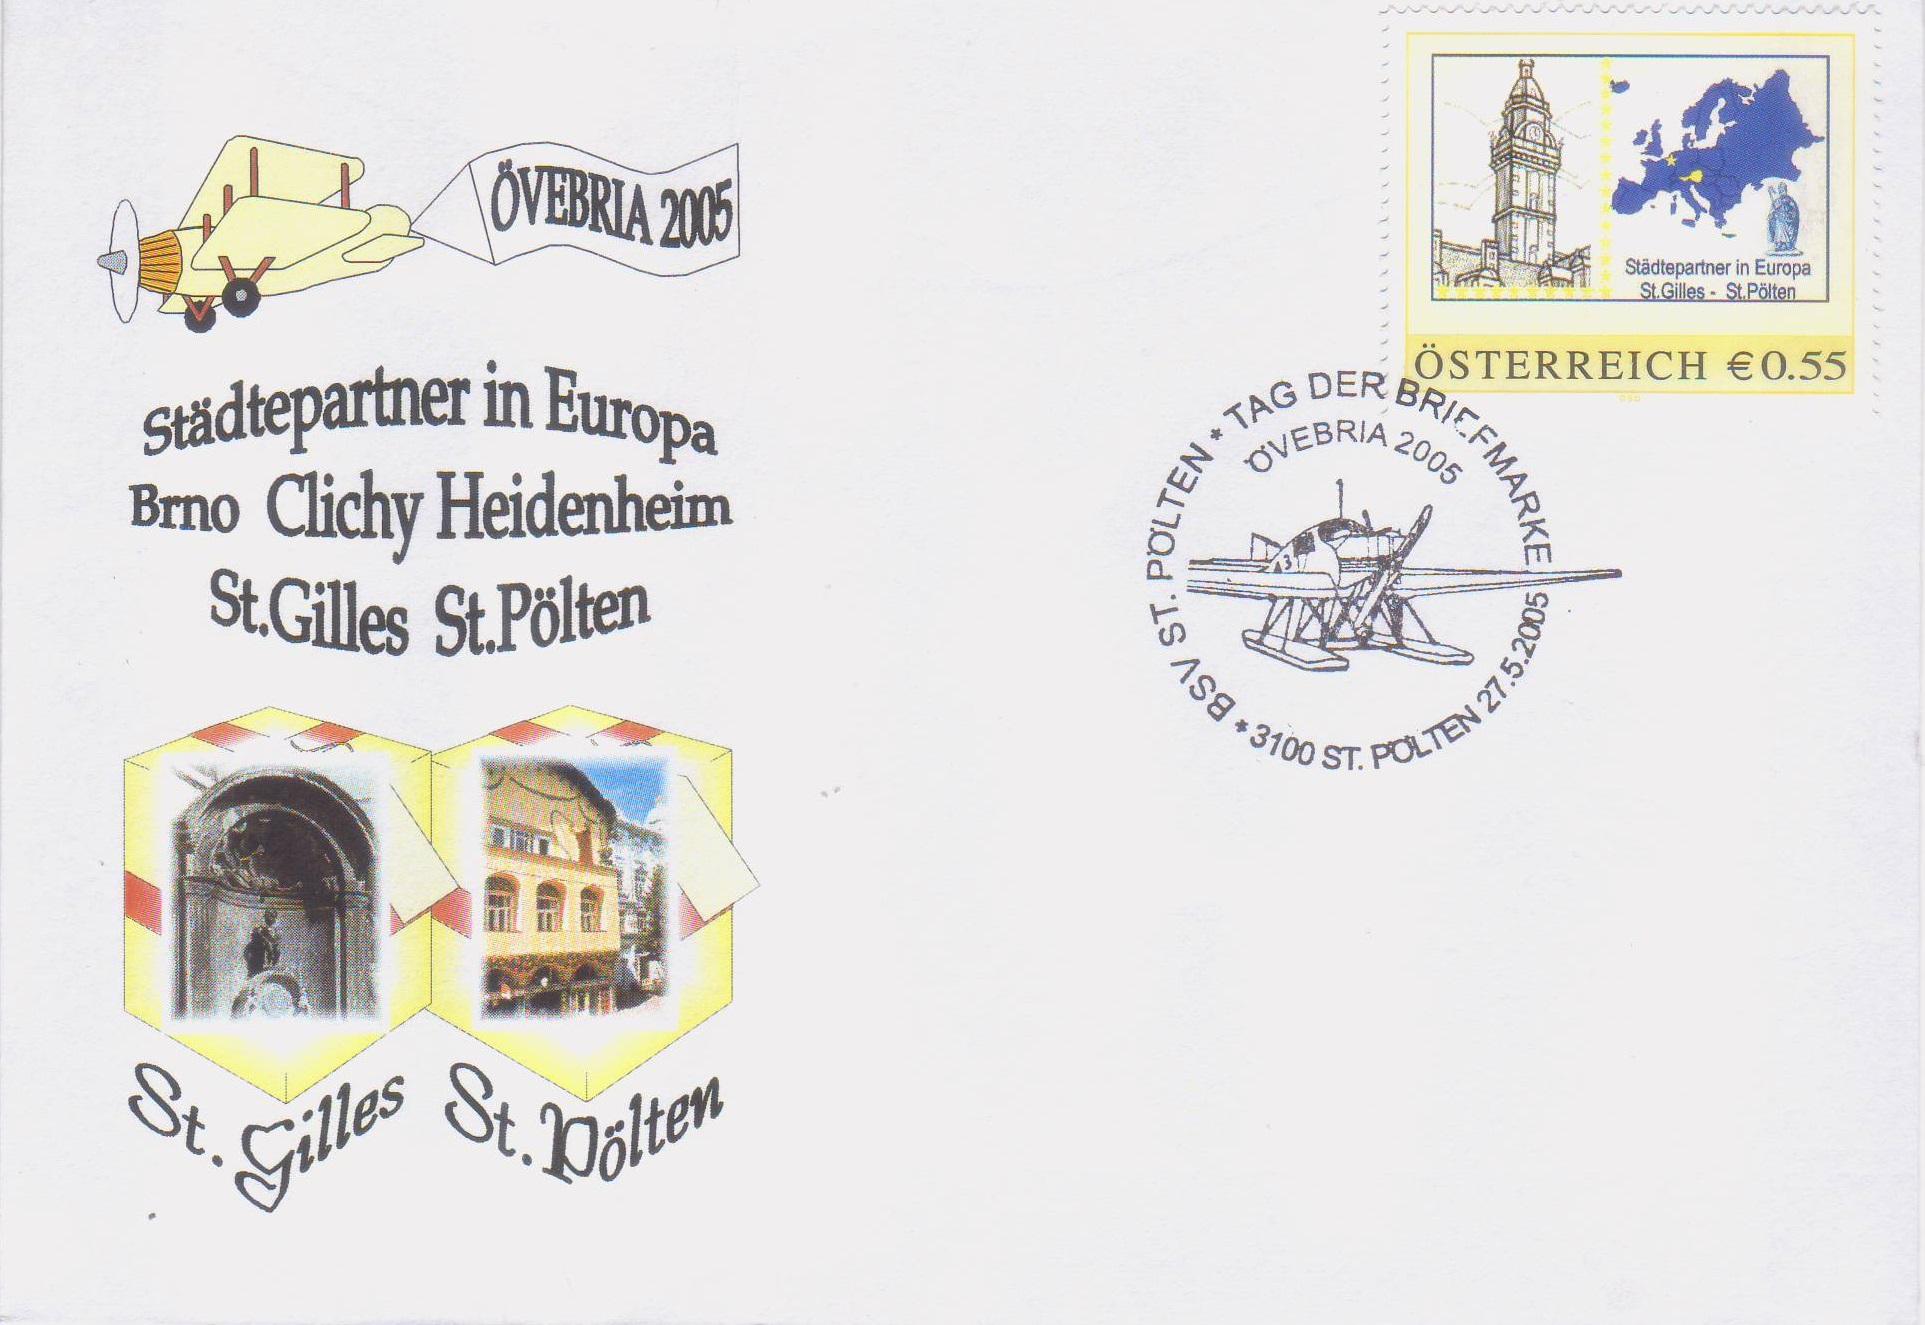 2005 3.-EUR Staedtepartner 5